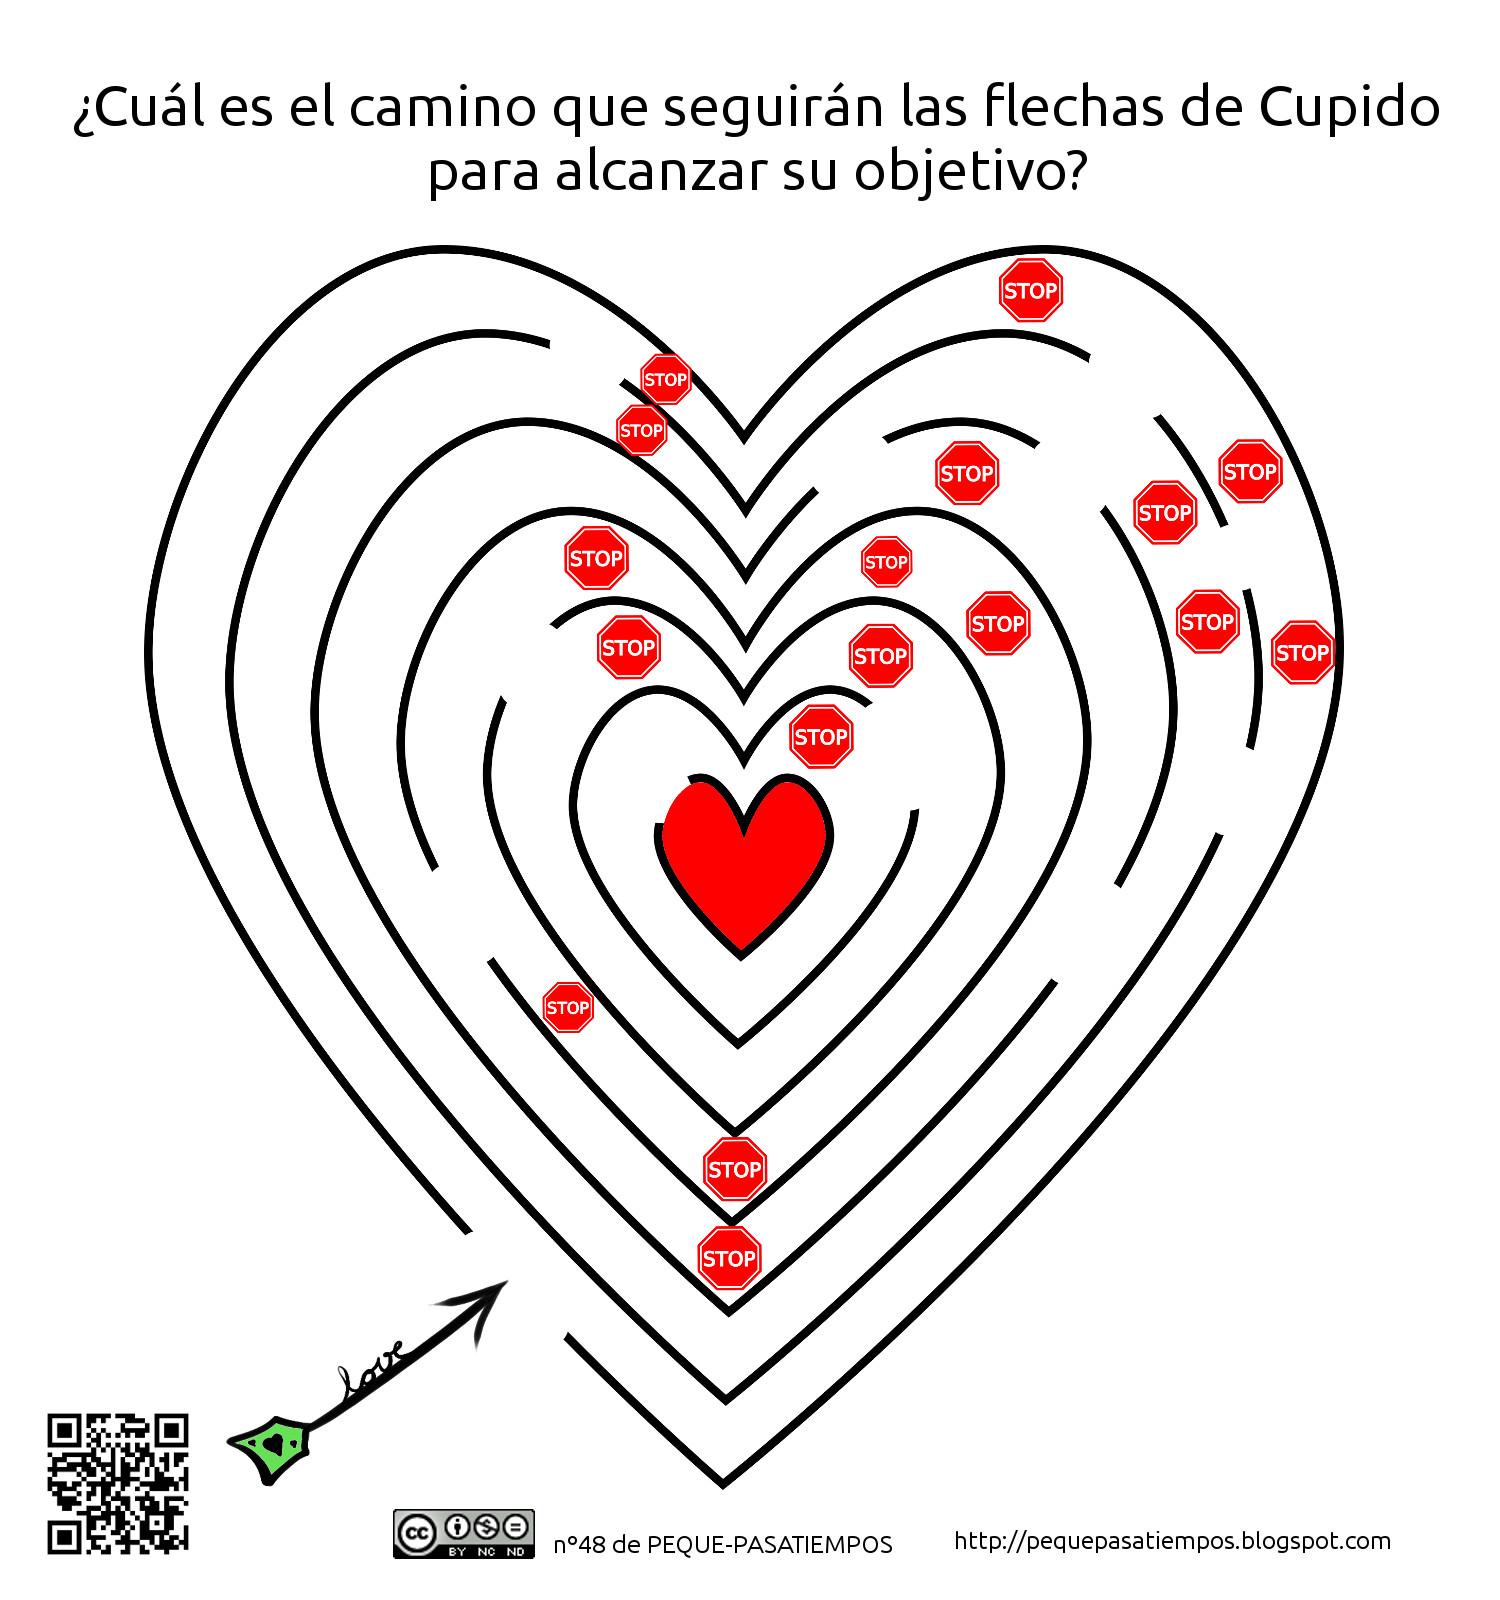 Peque-pasatiempos: Preparando San Valentín - PEQUE-PASATIEMPOS nº48